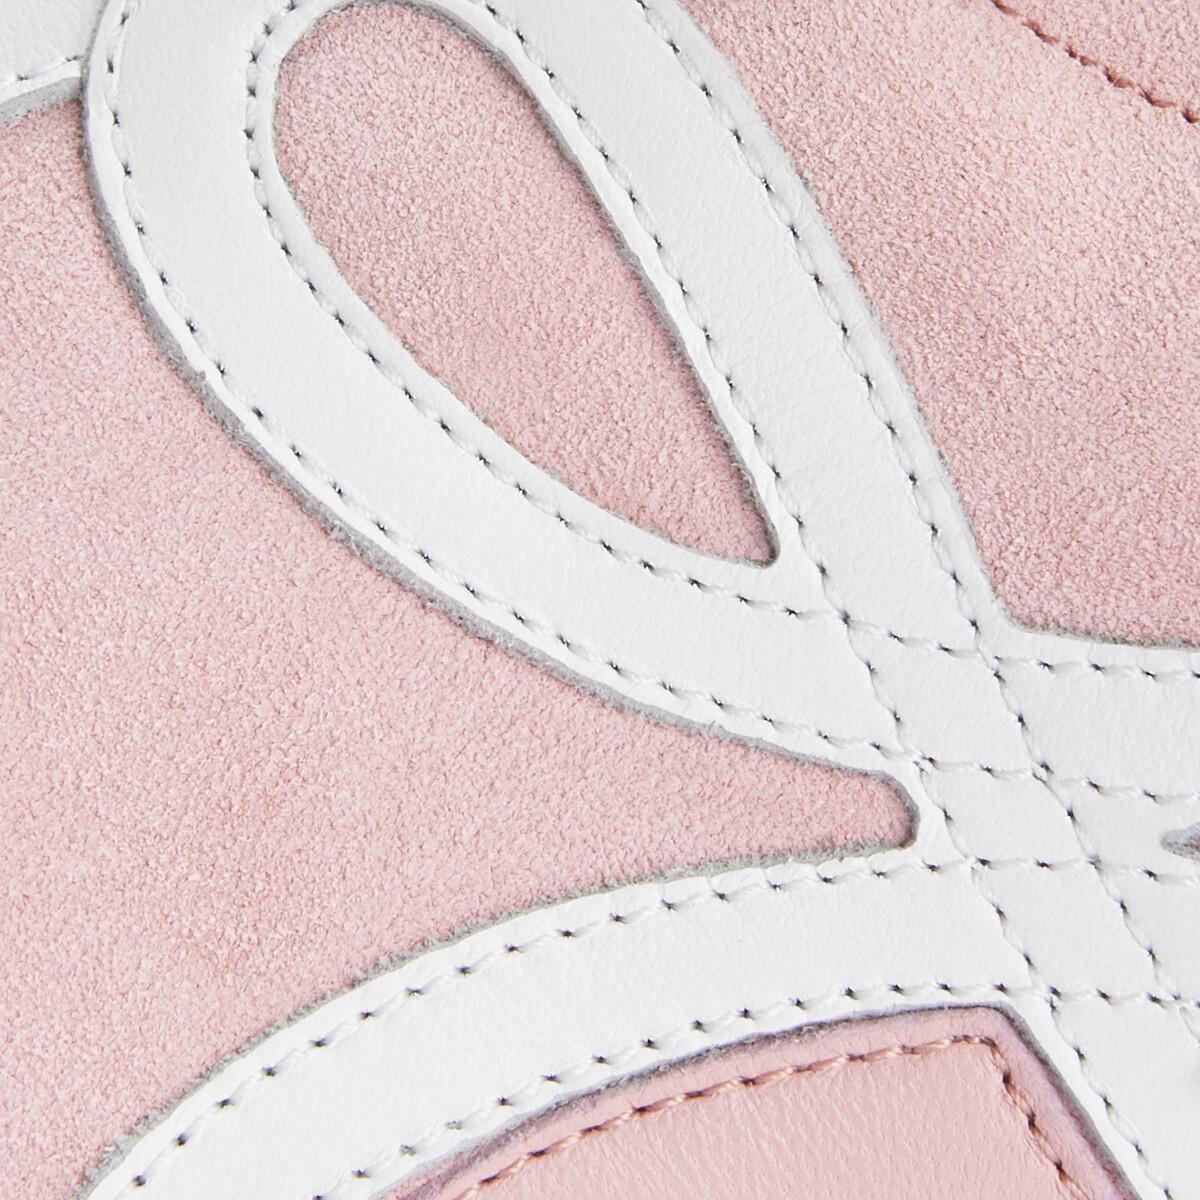 LOEWE Sneakers Rosa/Blanco front